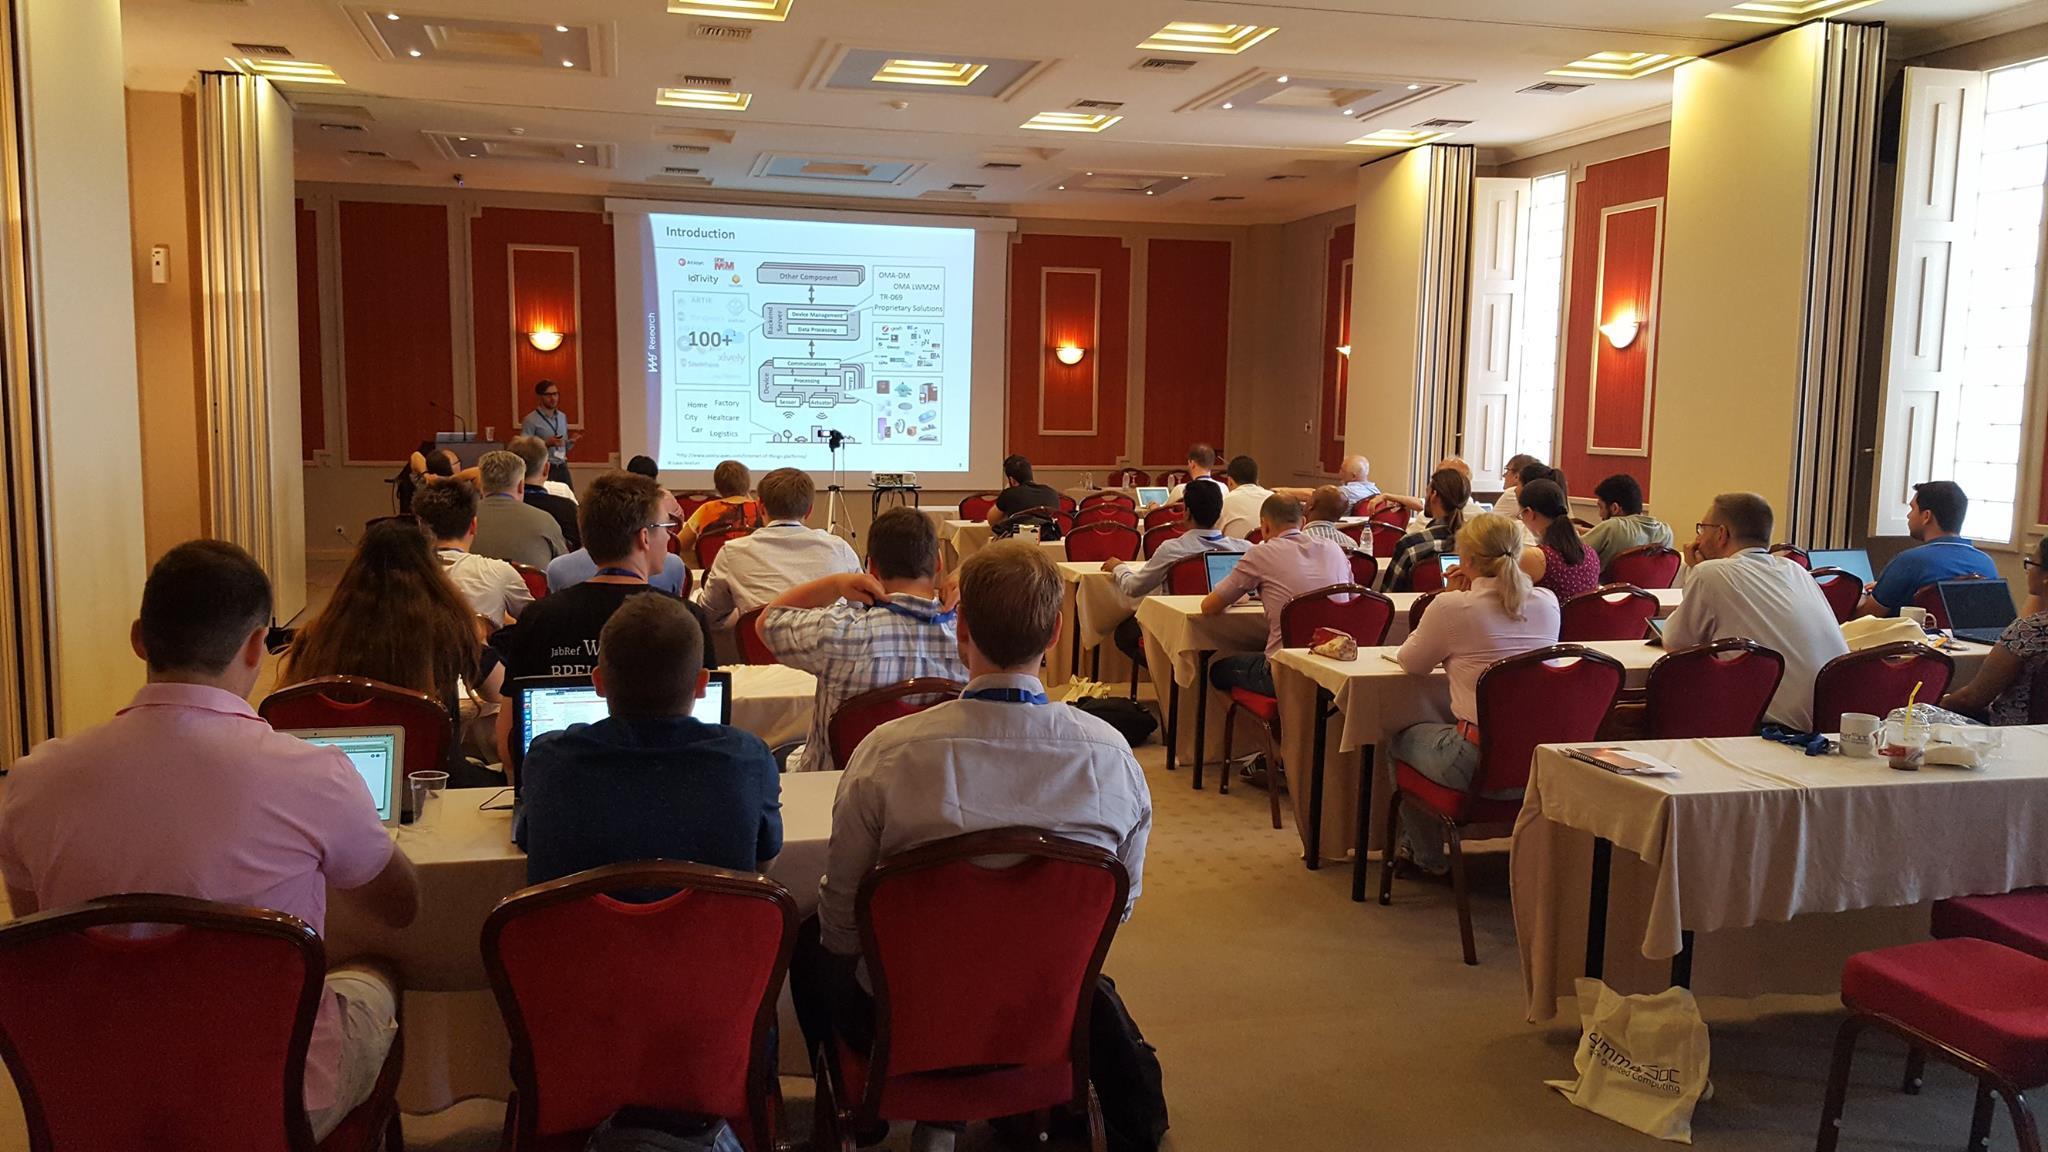 Symposium und SummerSoc 2017: Eine erfolgreiche Woche in Kreta geht zu Ende